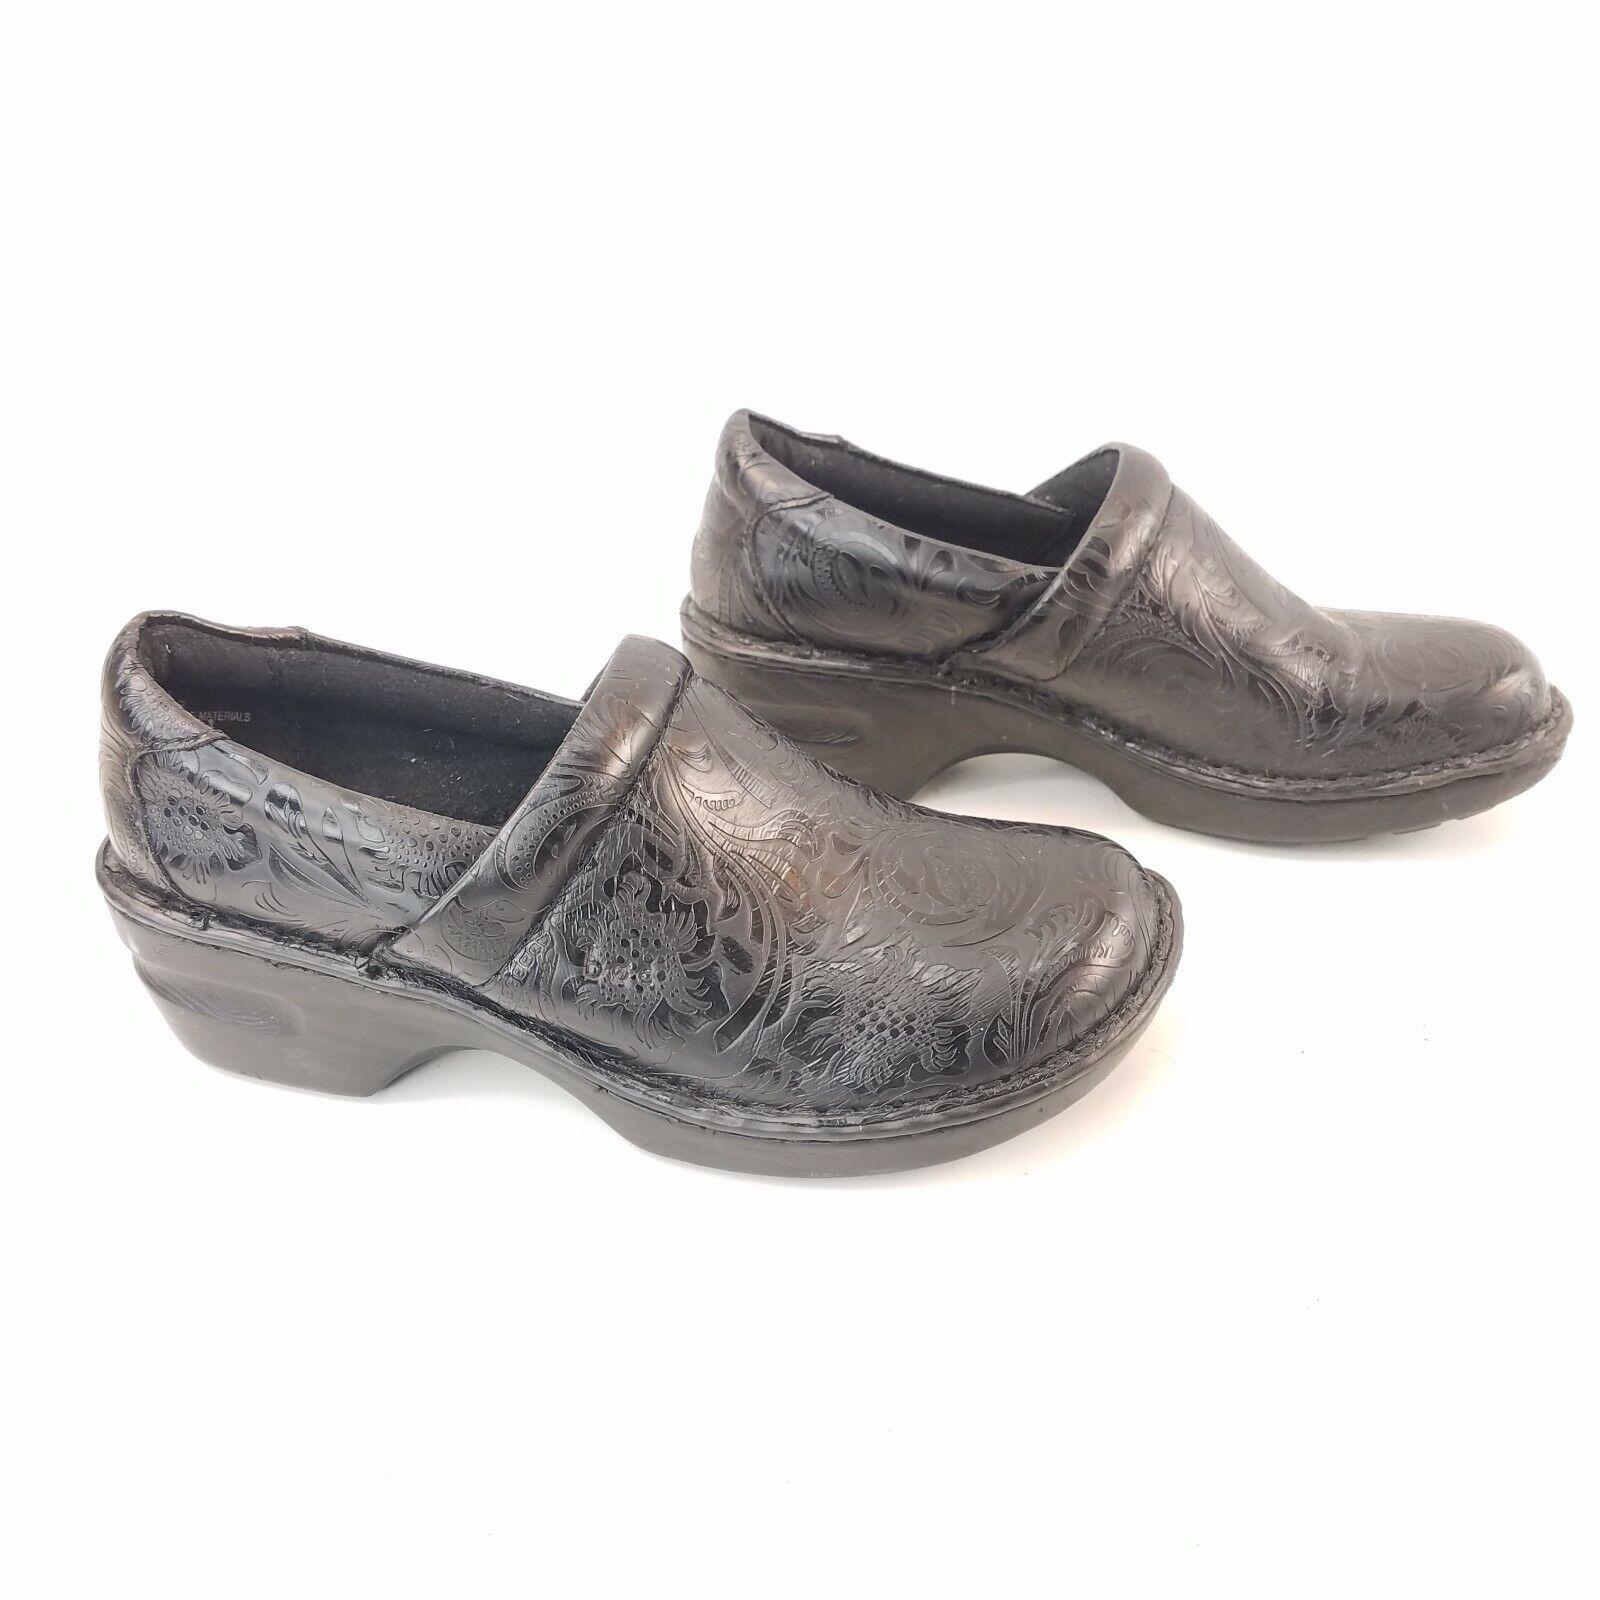 BOC Born Concepts Mule Shoes Size 8.5 Slip On Clogs Black Floral Print Leather